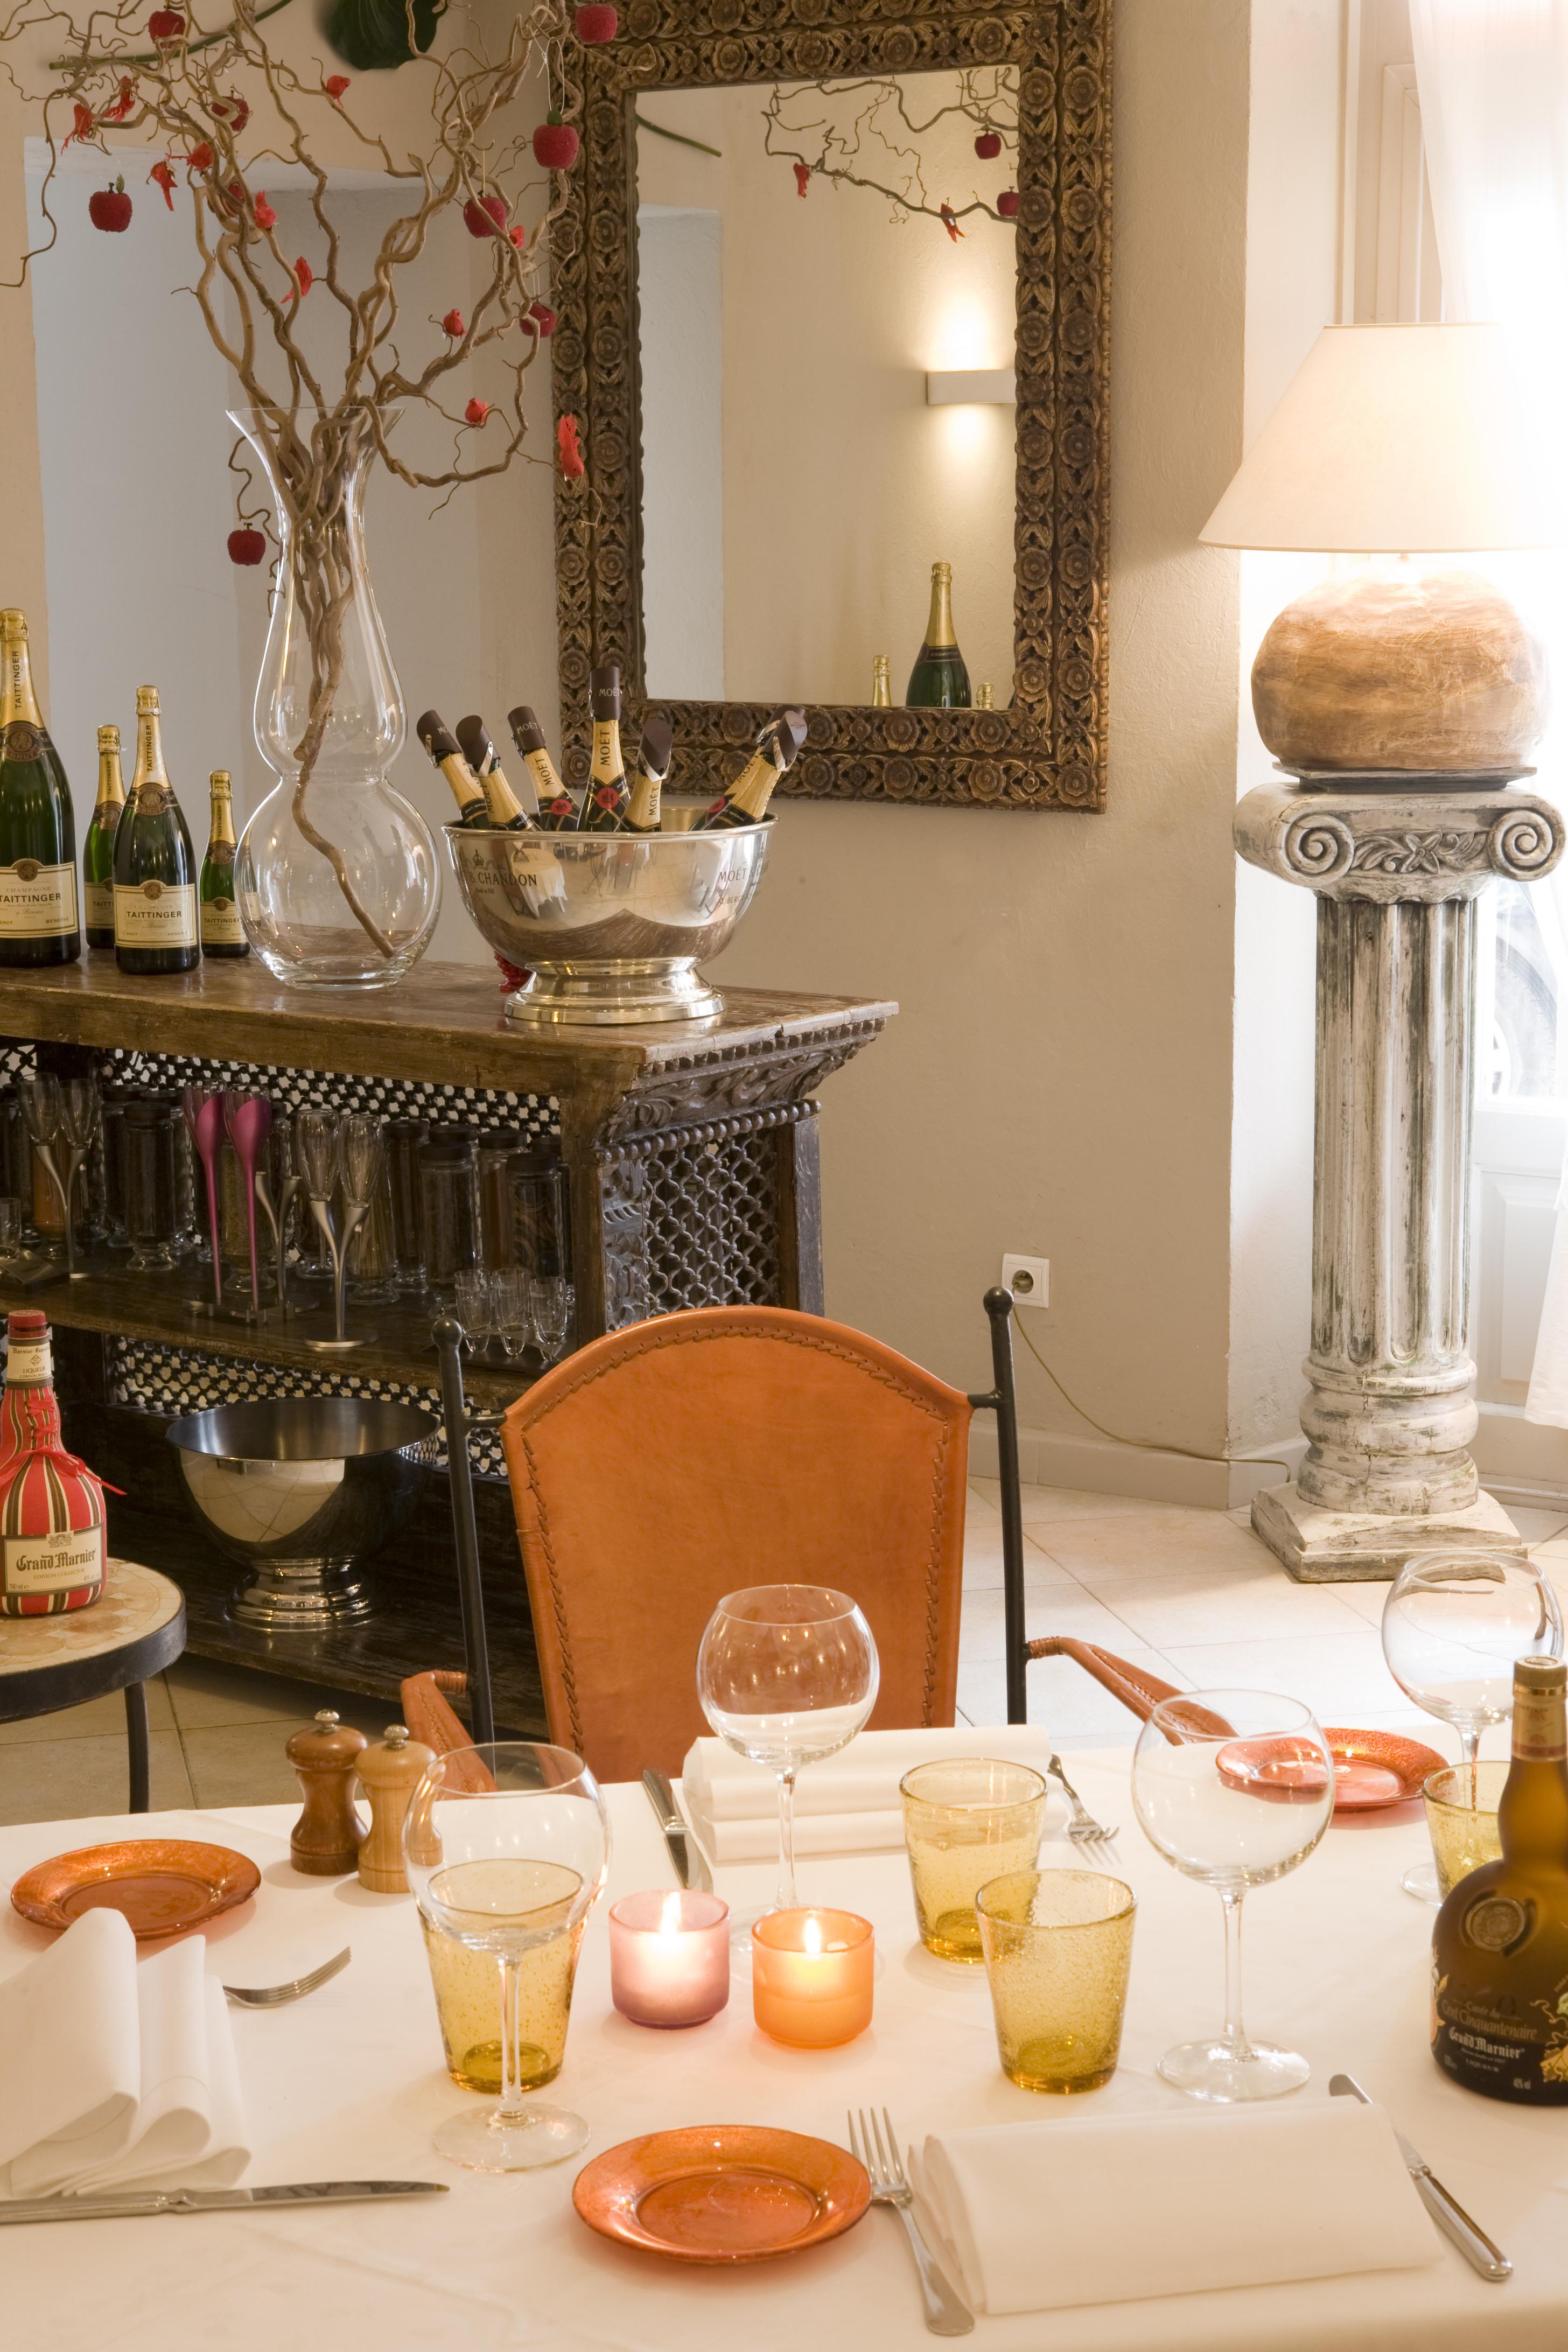 Restaurant le go t des choses chevagnes - La table de chessy ...